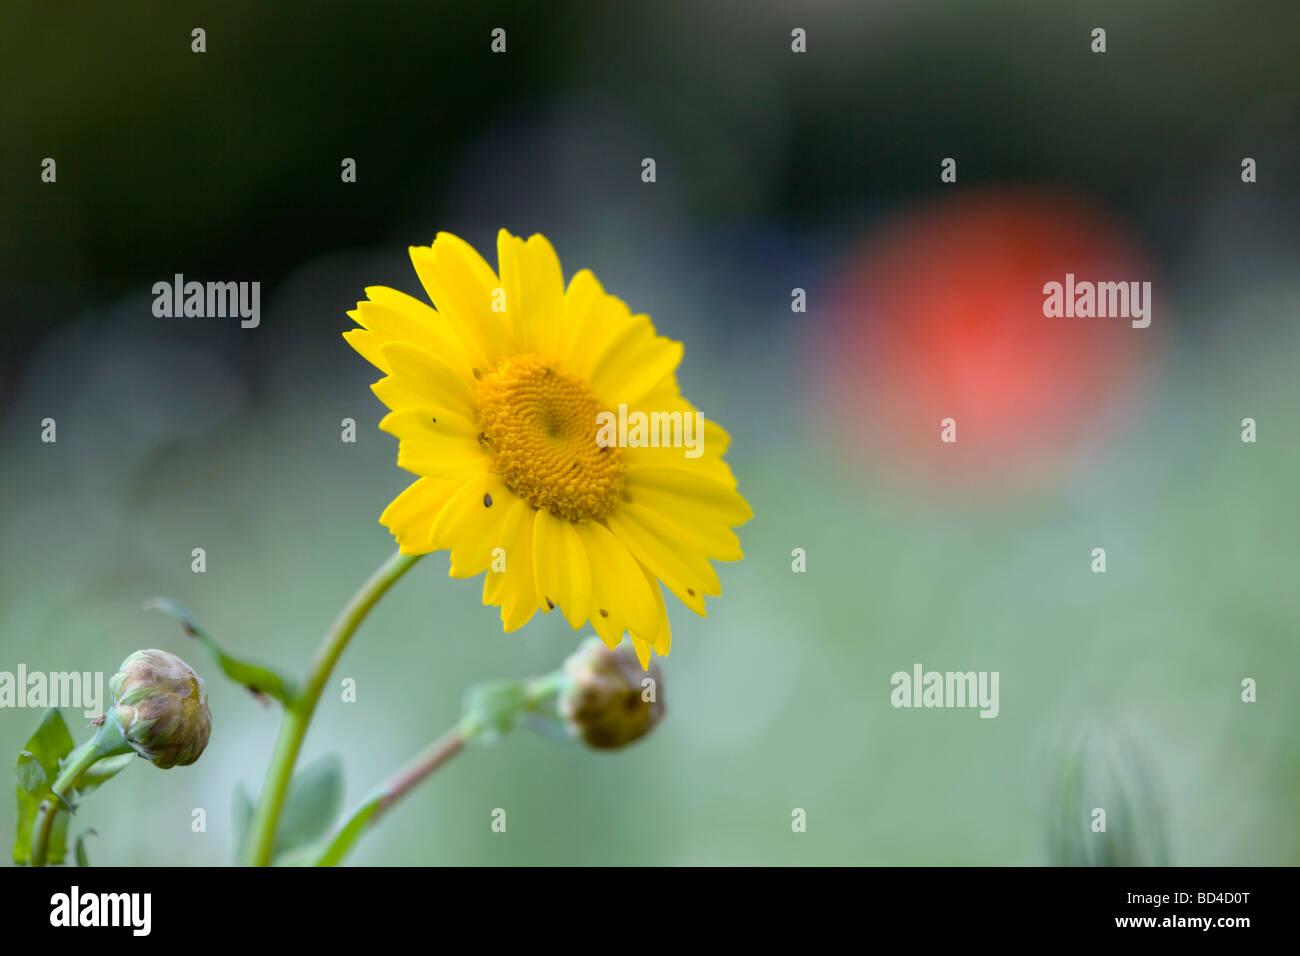 corn marigold Chrysanthemum segetum Stock Photo